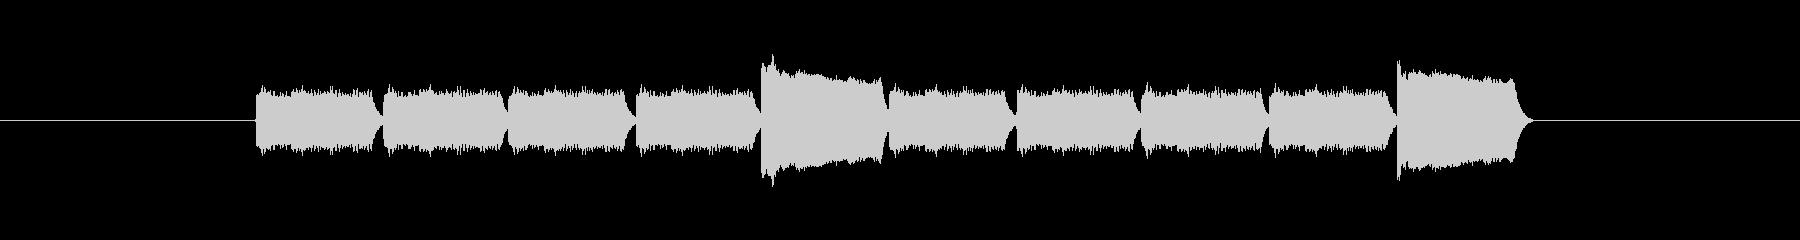 「10」を表す音のカウンターですの未再生の波形